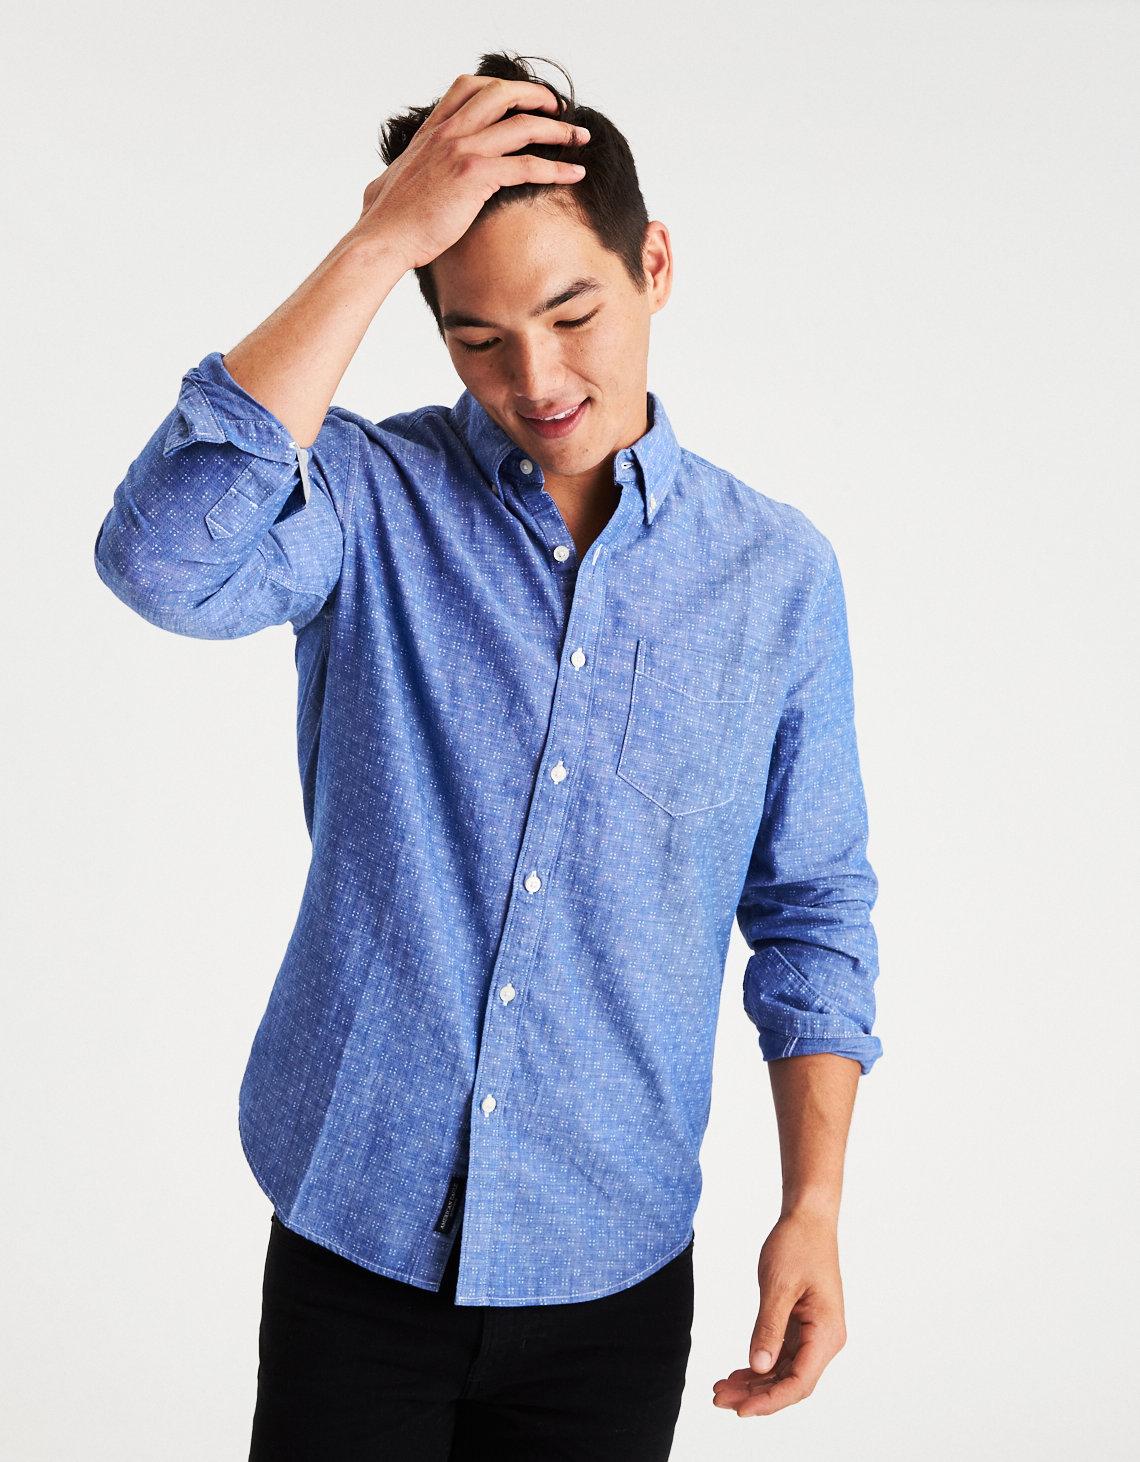 e912ac2554c4 Handla från hela världen hos PricePi. chambray shirt shop